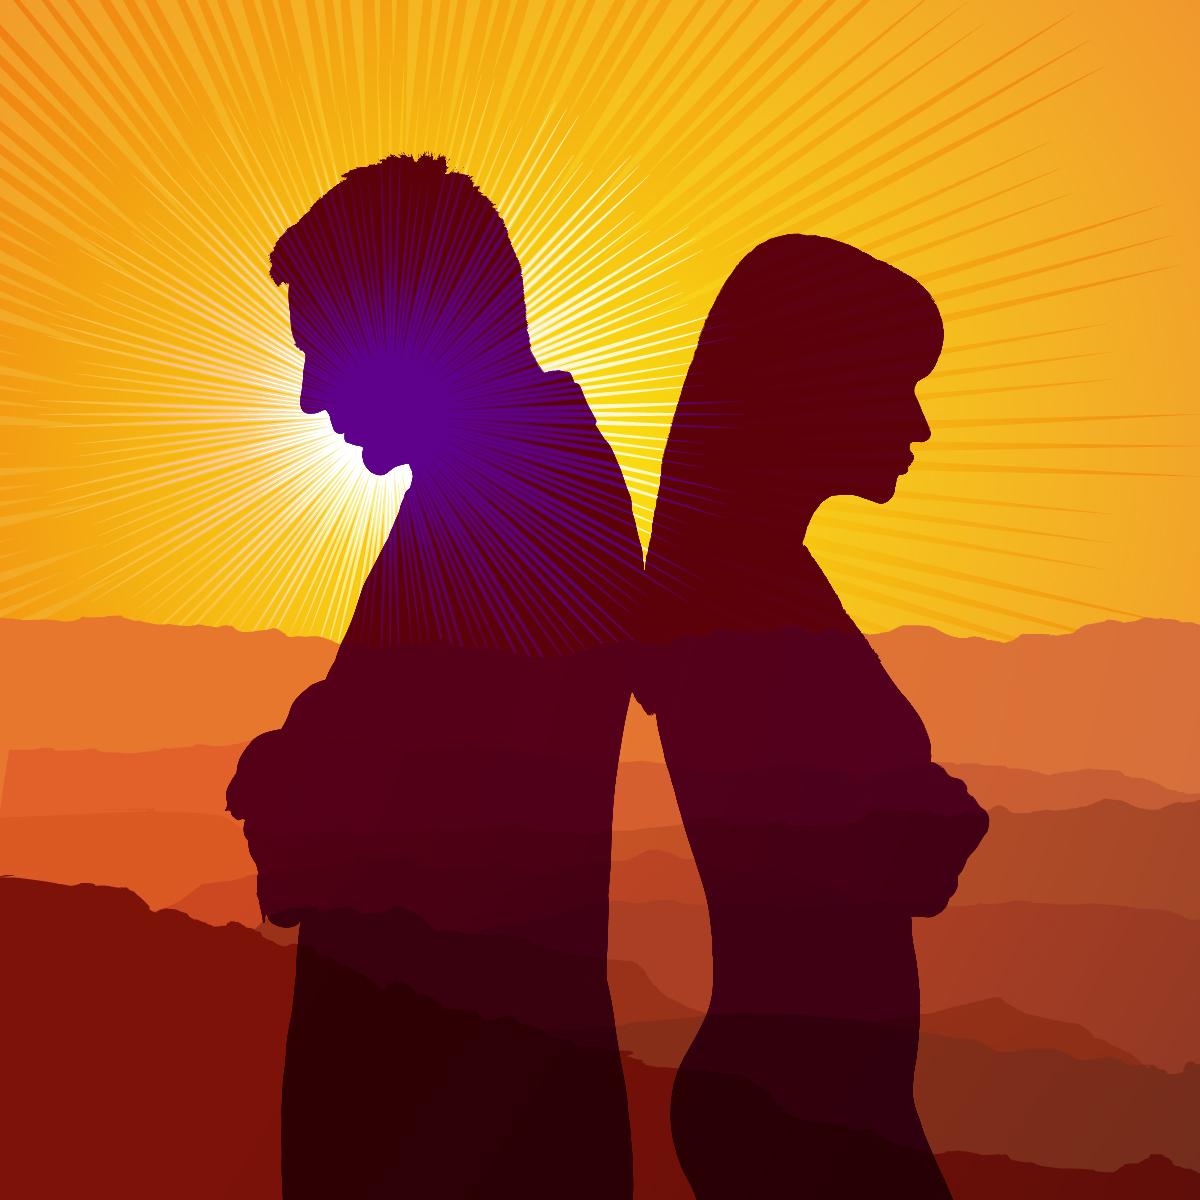 گذار از سردرگمی به هویت یابی از منظر سلامت روانی